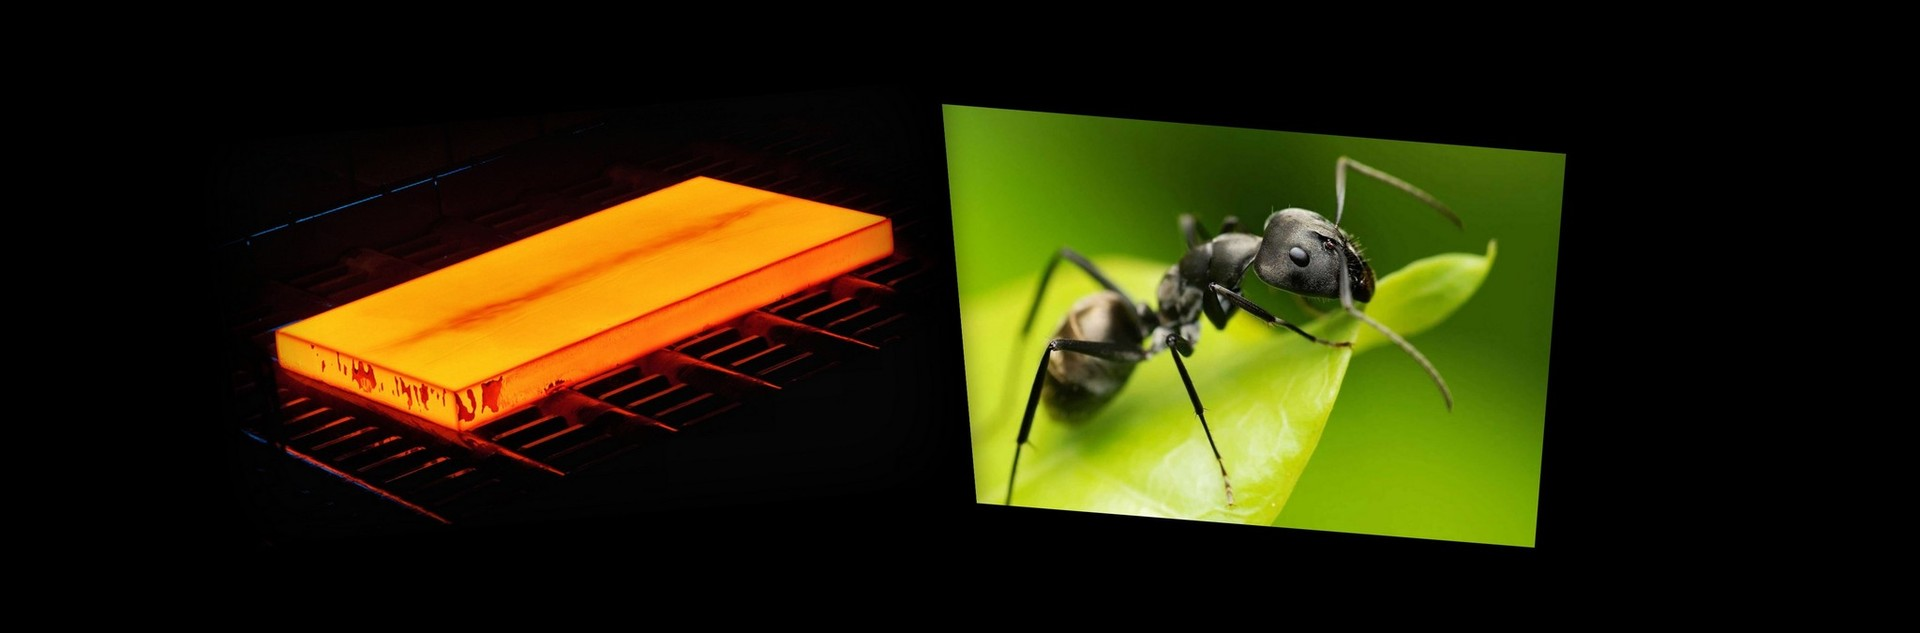 Оптимизация на примере. Имитационный отжиг против муравьиного алгоритма. Часть 1 - 1